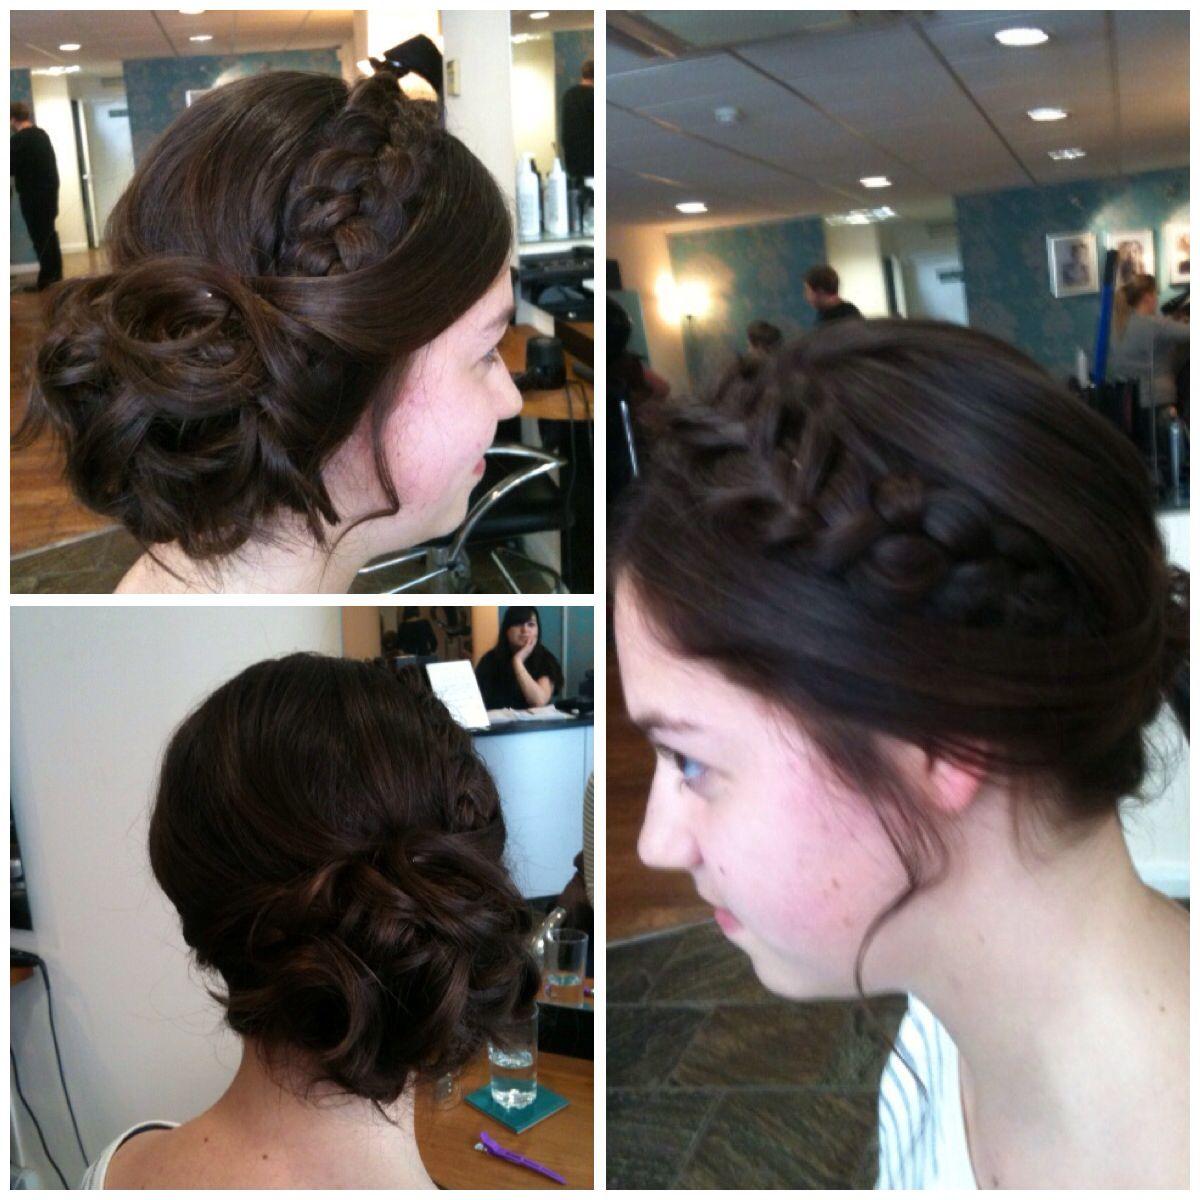 Pin by Adele Glaister on Salon & Hair Hair salon, Hair